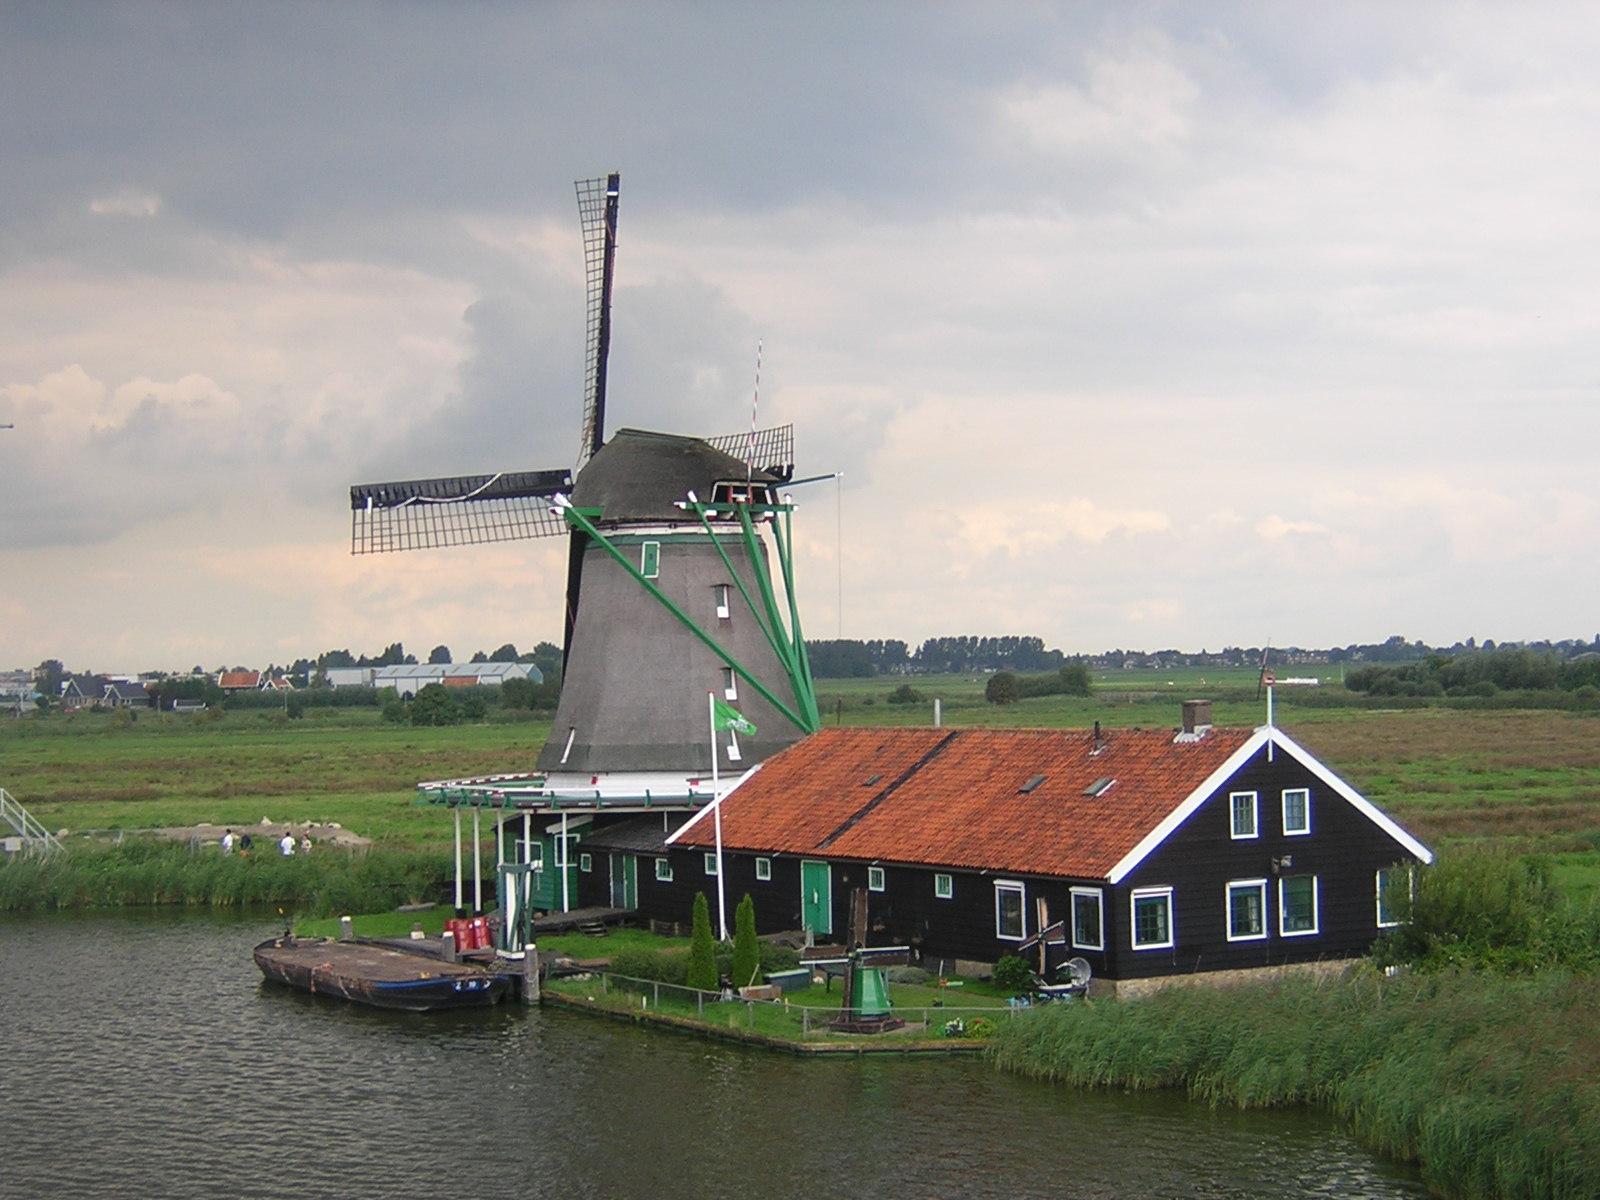 Moinhos em Zaanse Shans - Holanda